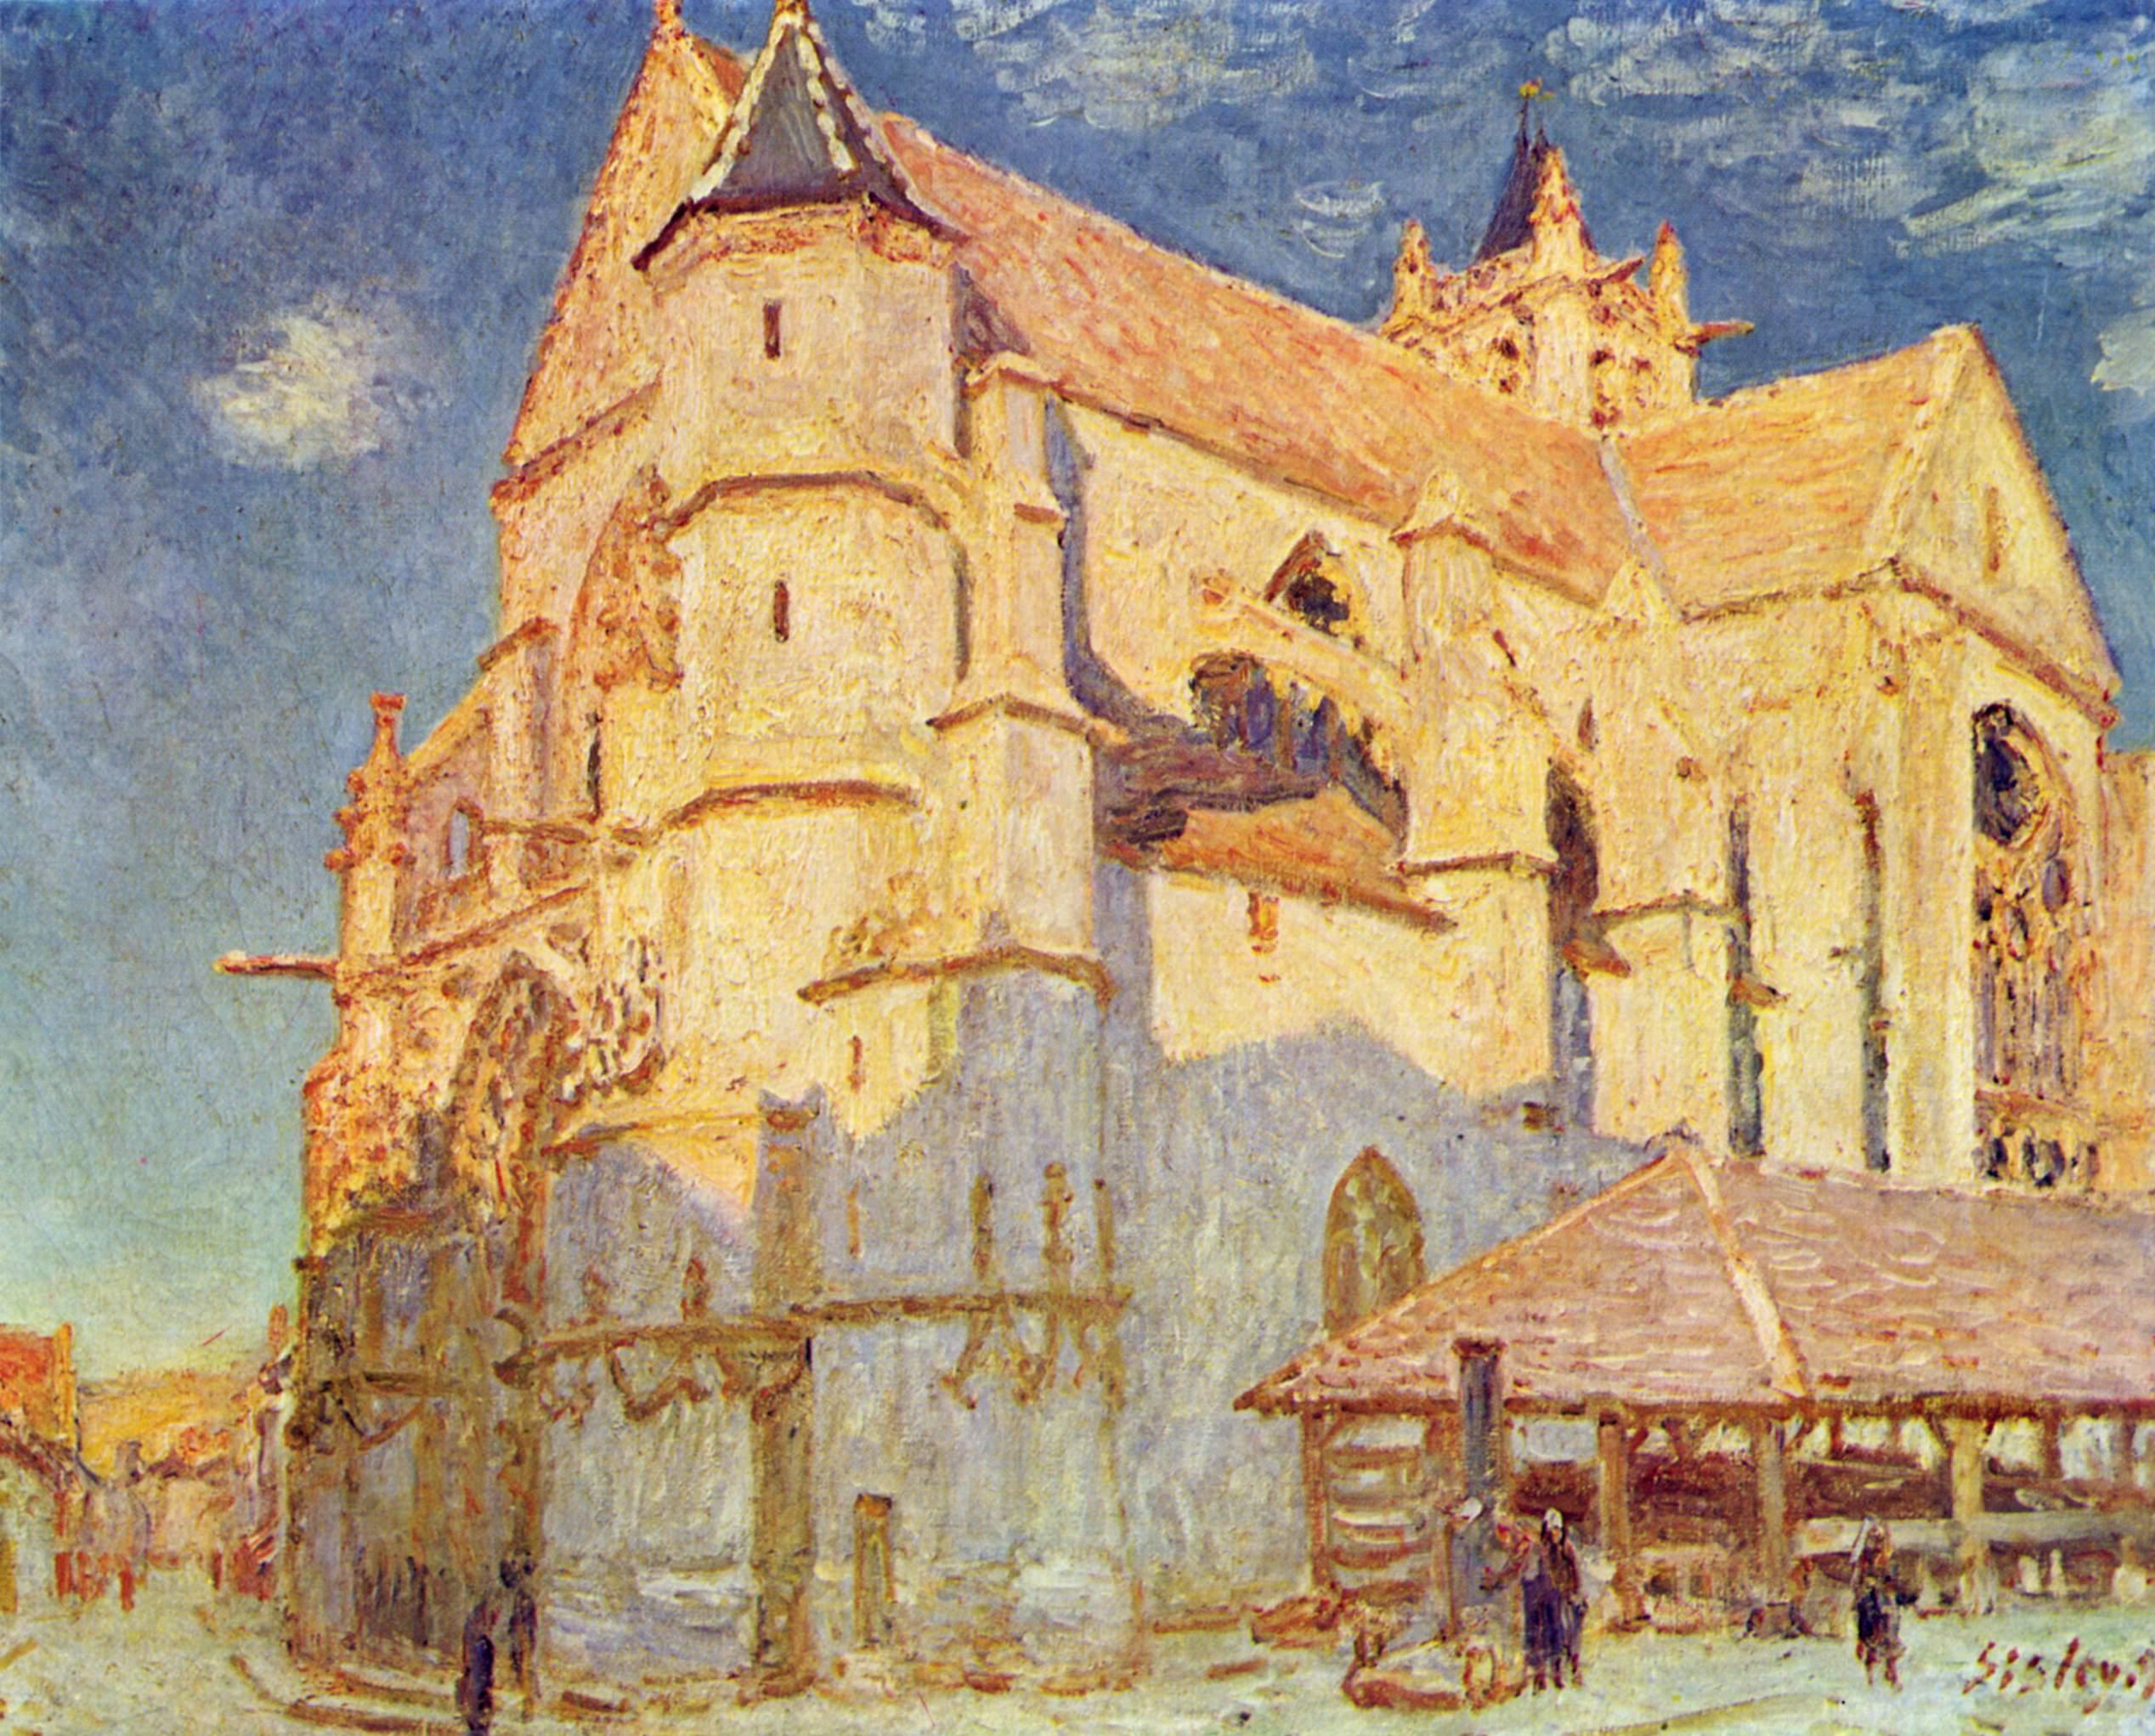 File:Alfred Sisley 038.jpg - Wikimedia Commons